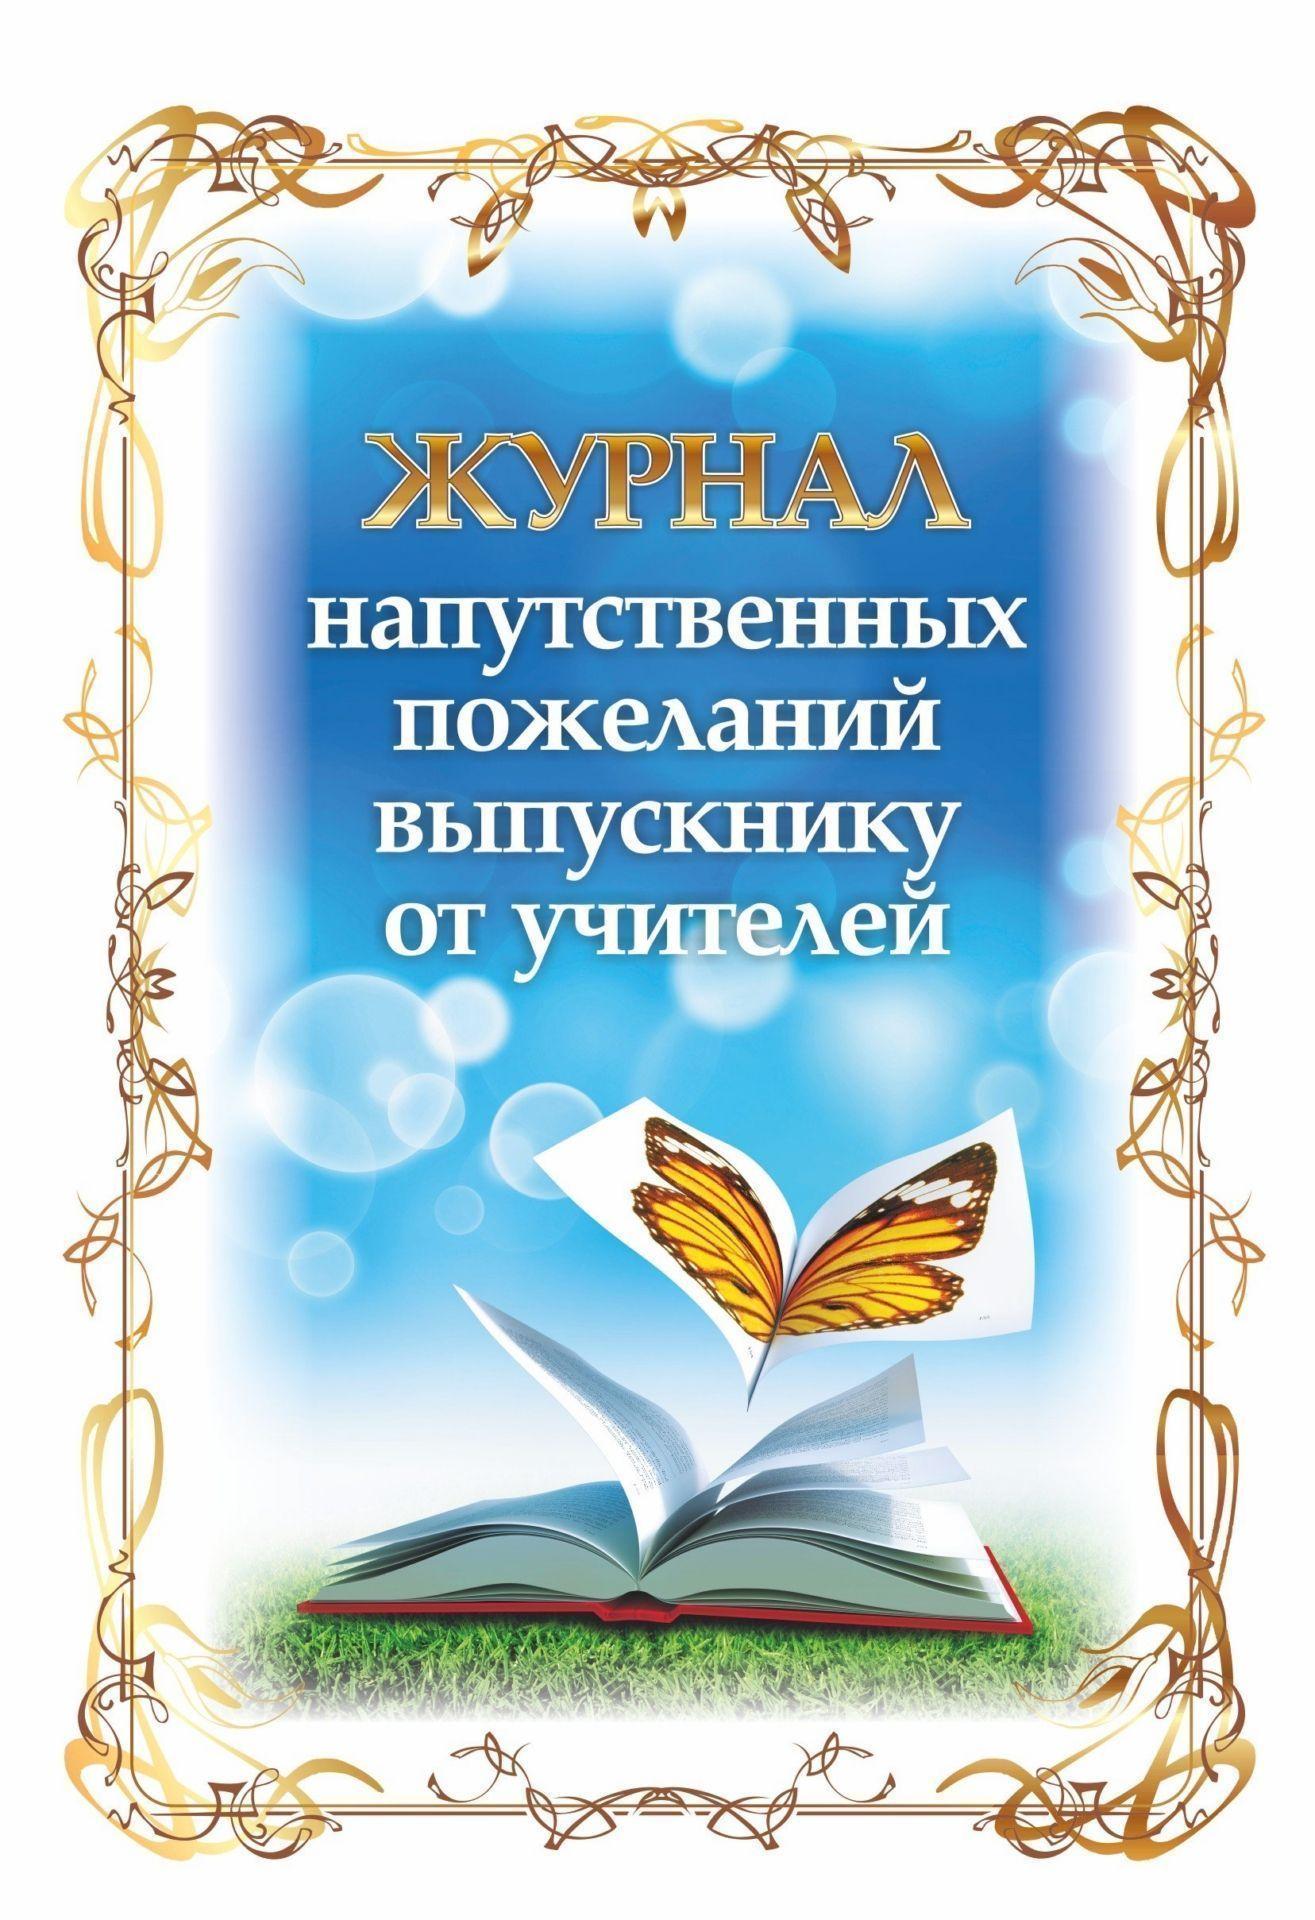 Журнал напутственных пожеланий выпускнику от учителей